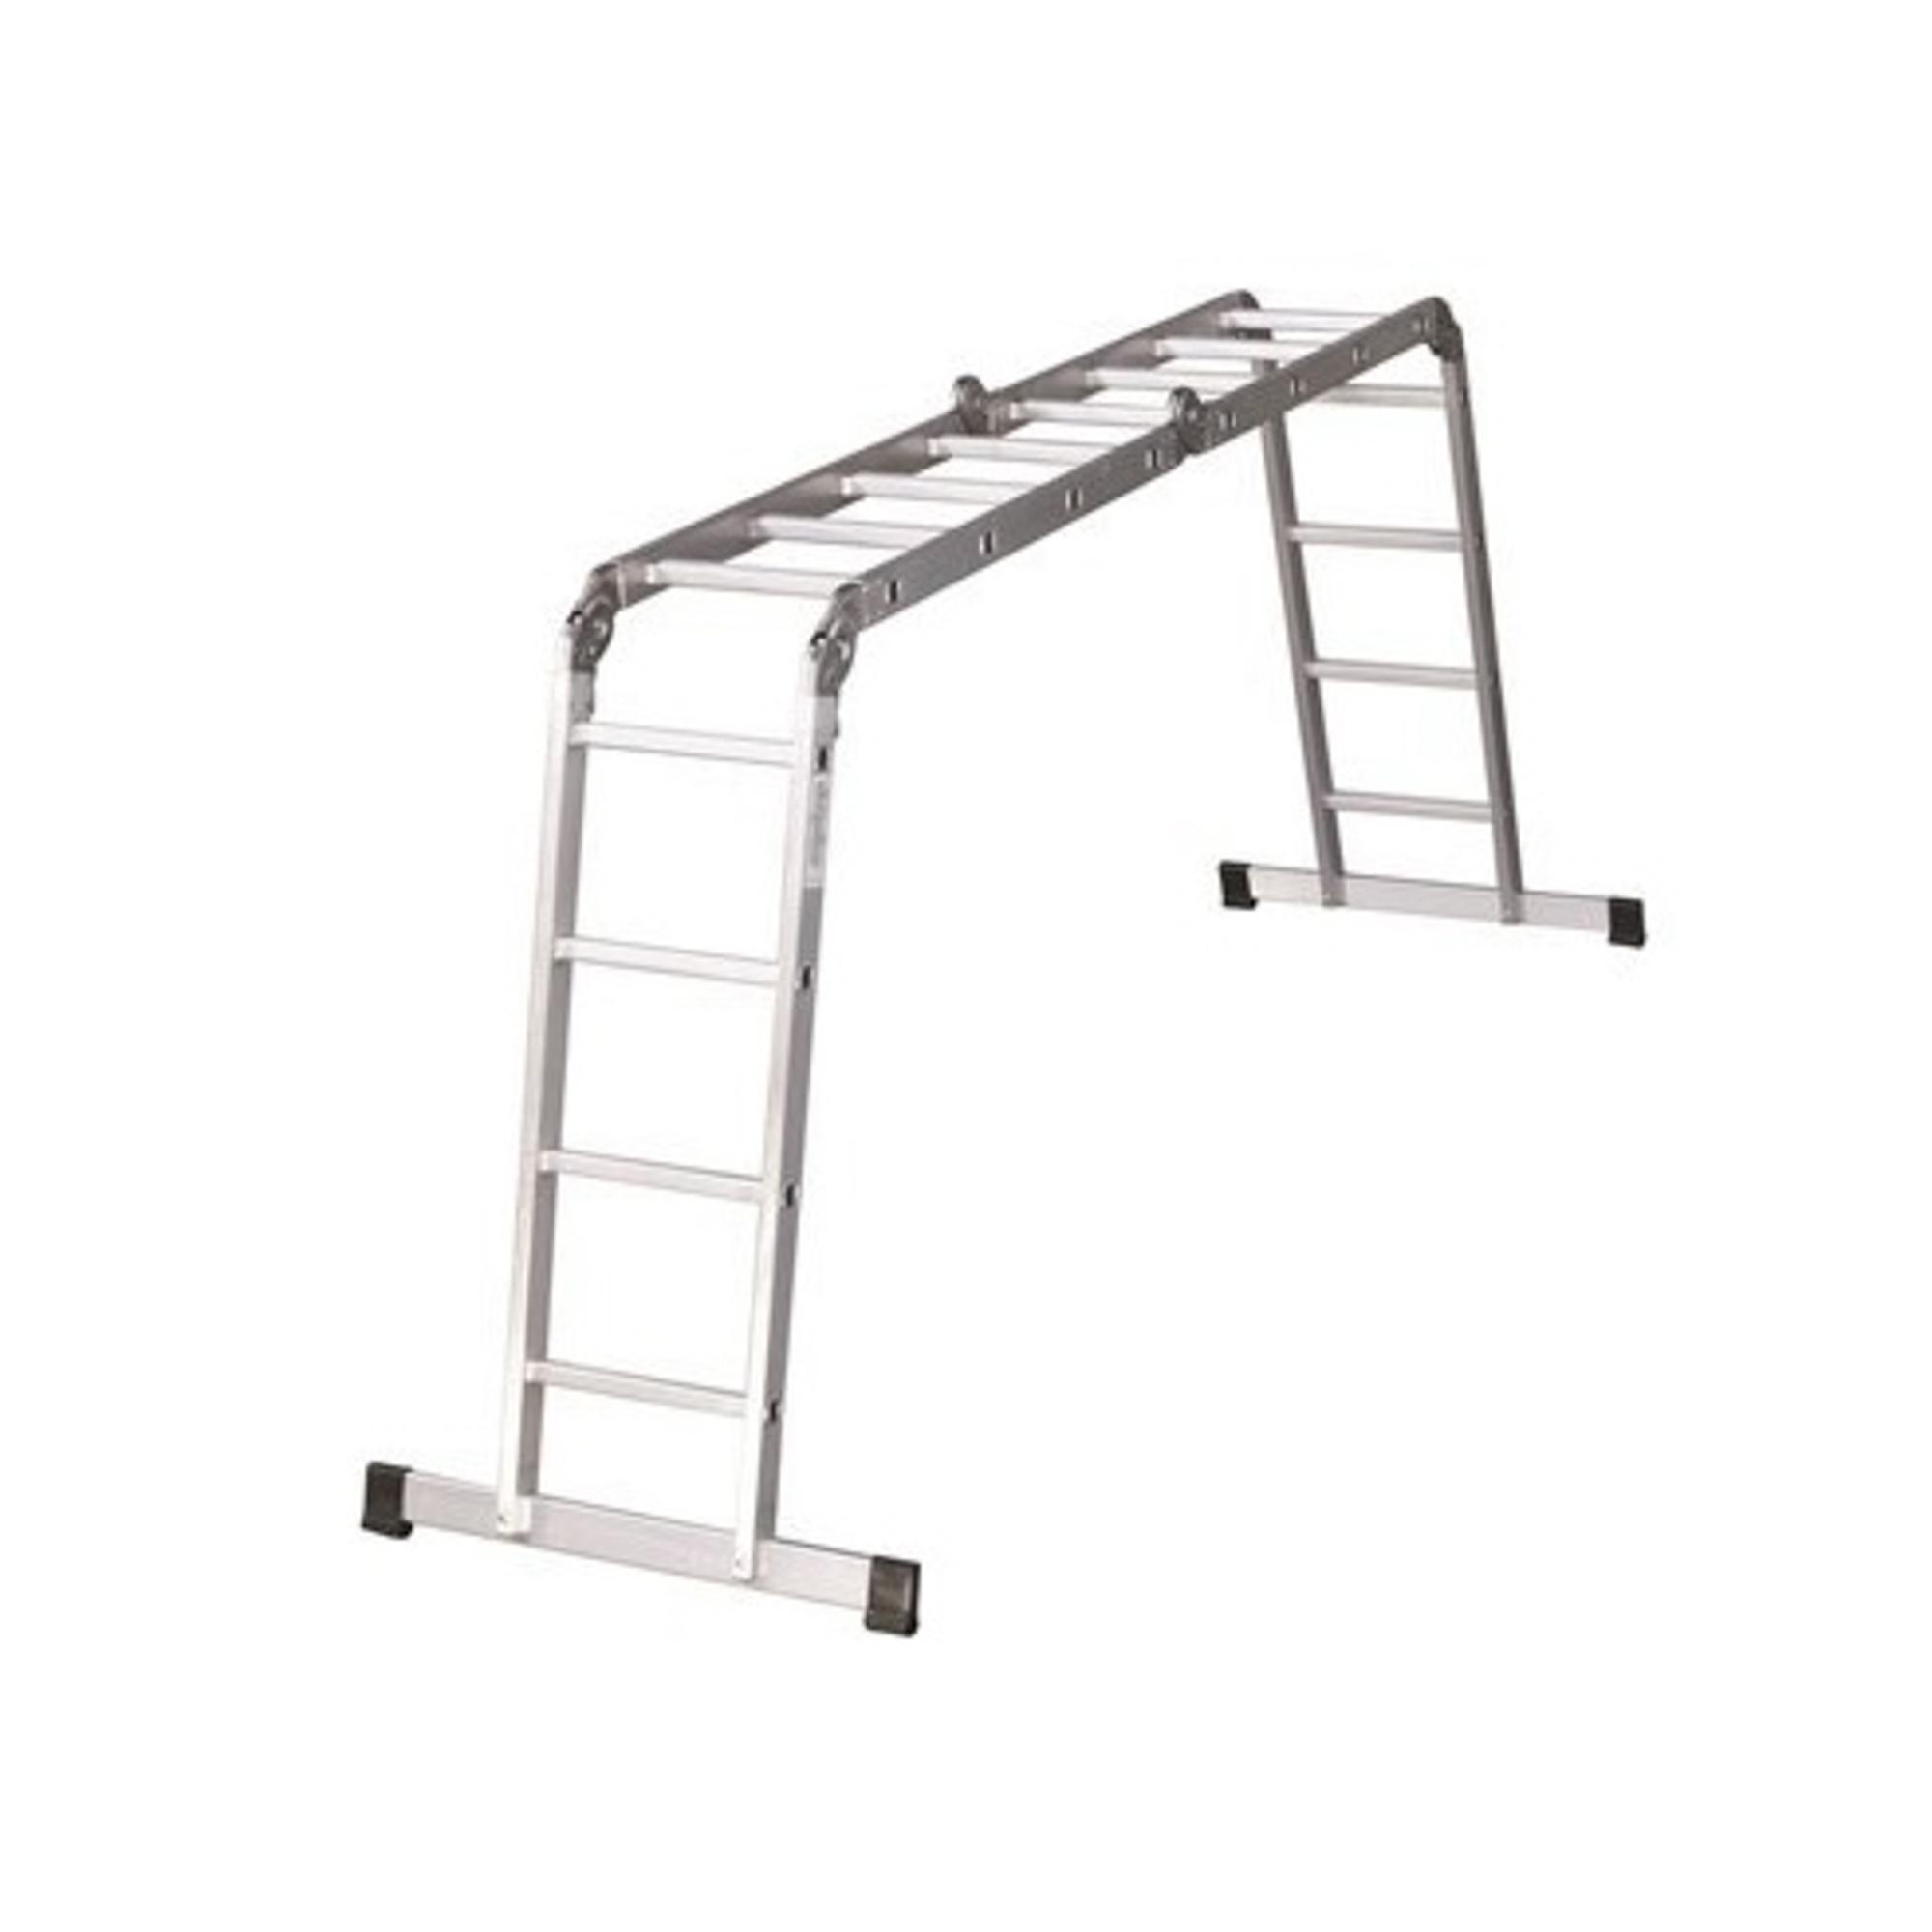 Фото - Лестница-трансформер 4х5 Ufuk лестница приставная новая высота односекционная алюминиевая 1х8 бытовая